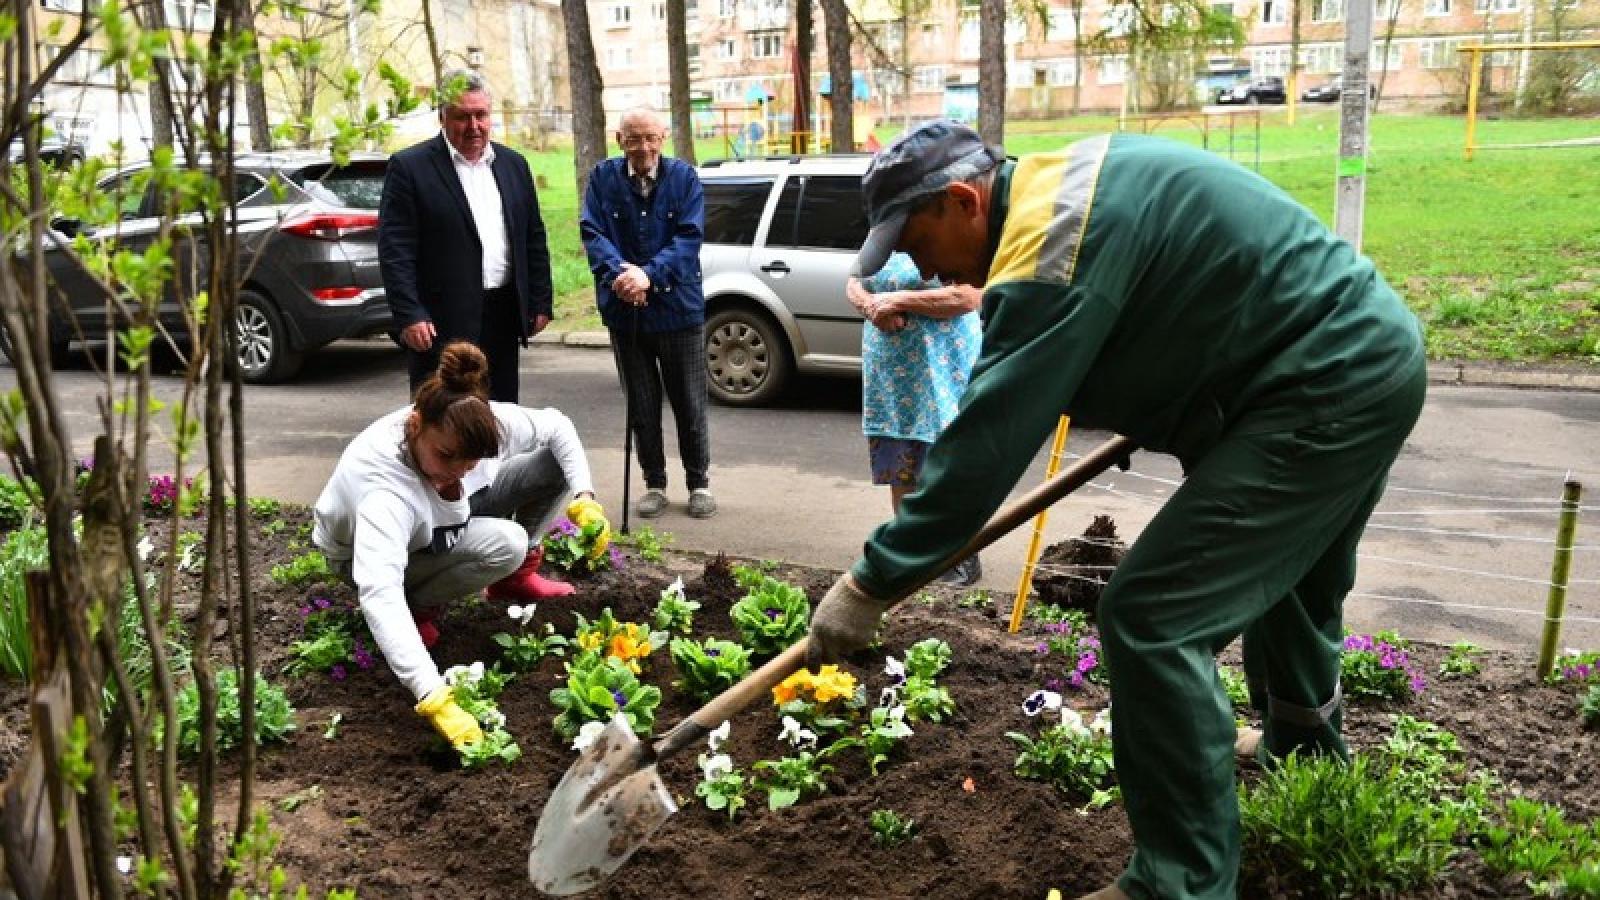 Nhiều hoạt động tri ân các cựu chiến binh diễn ra trên khắp nước Nga